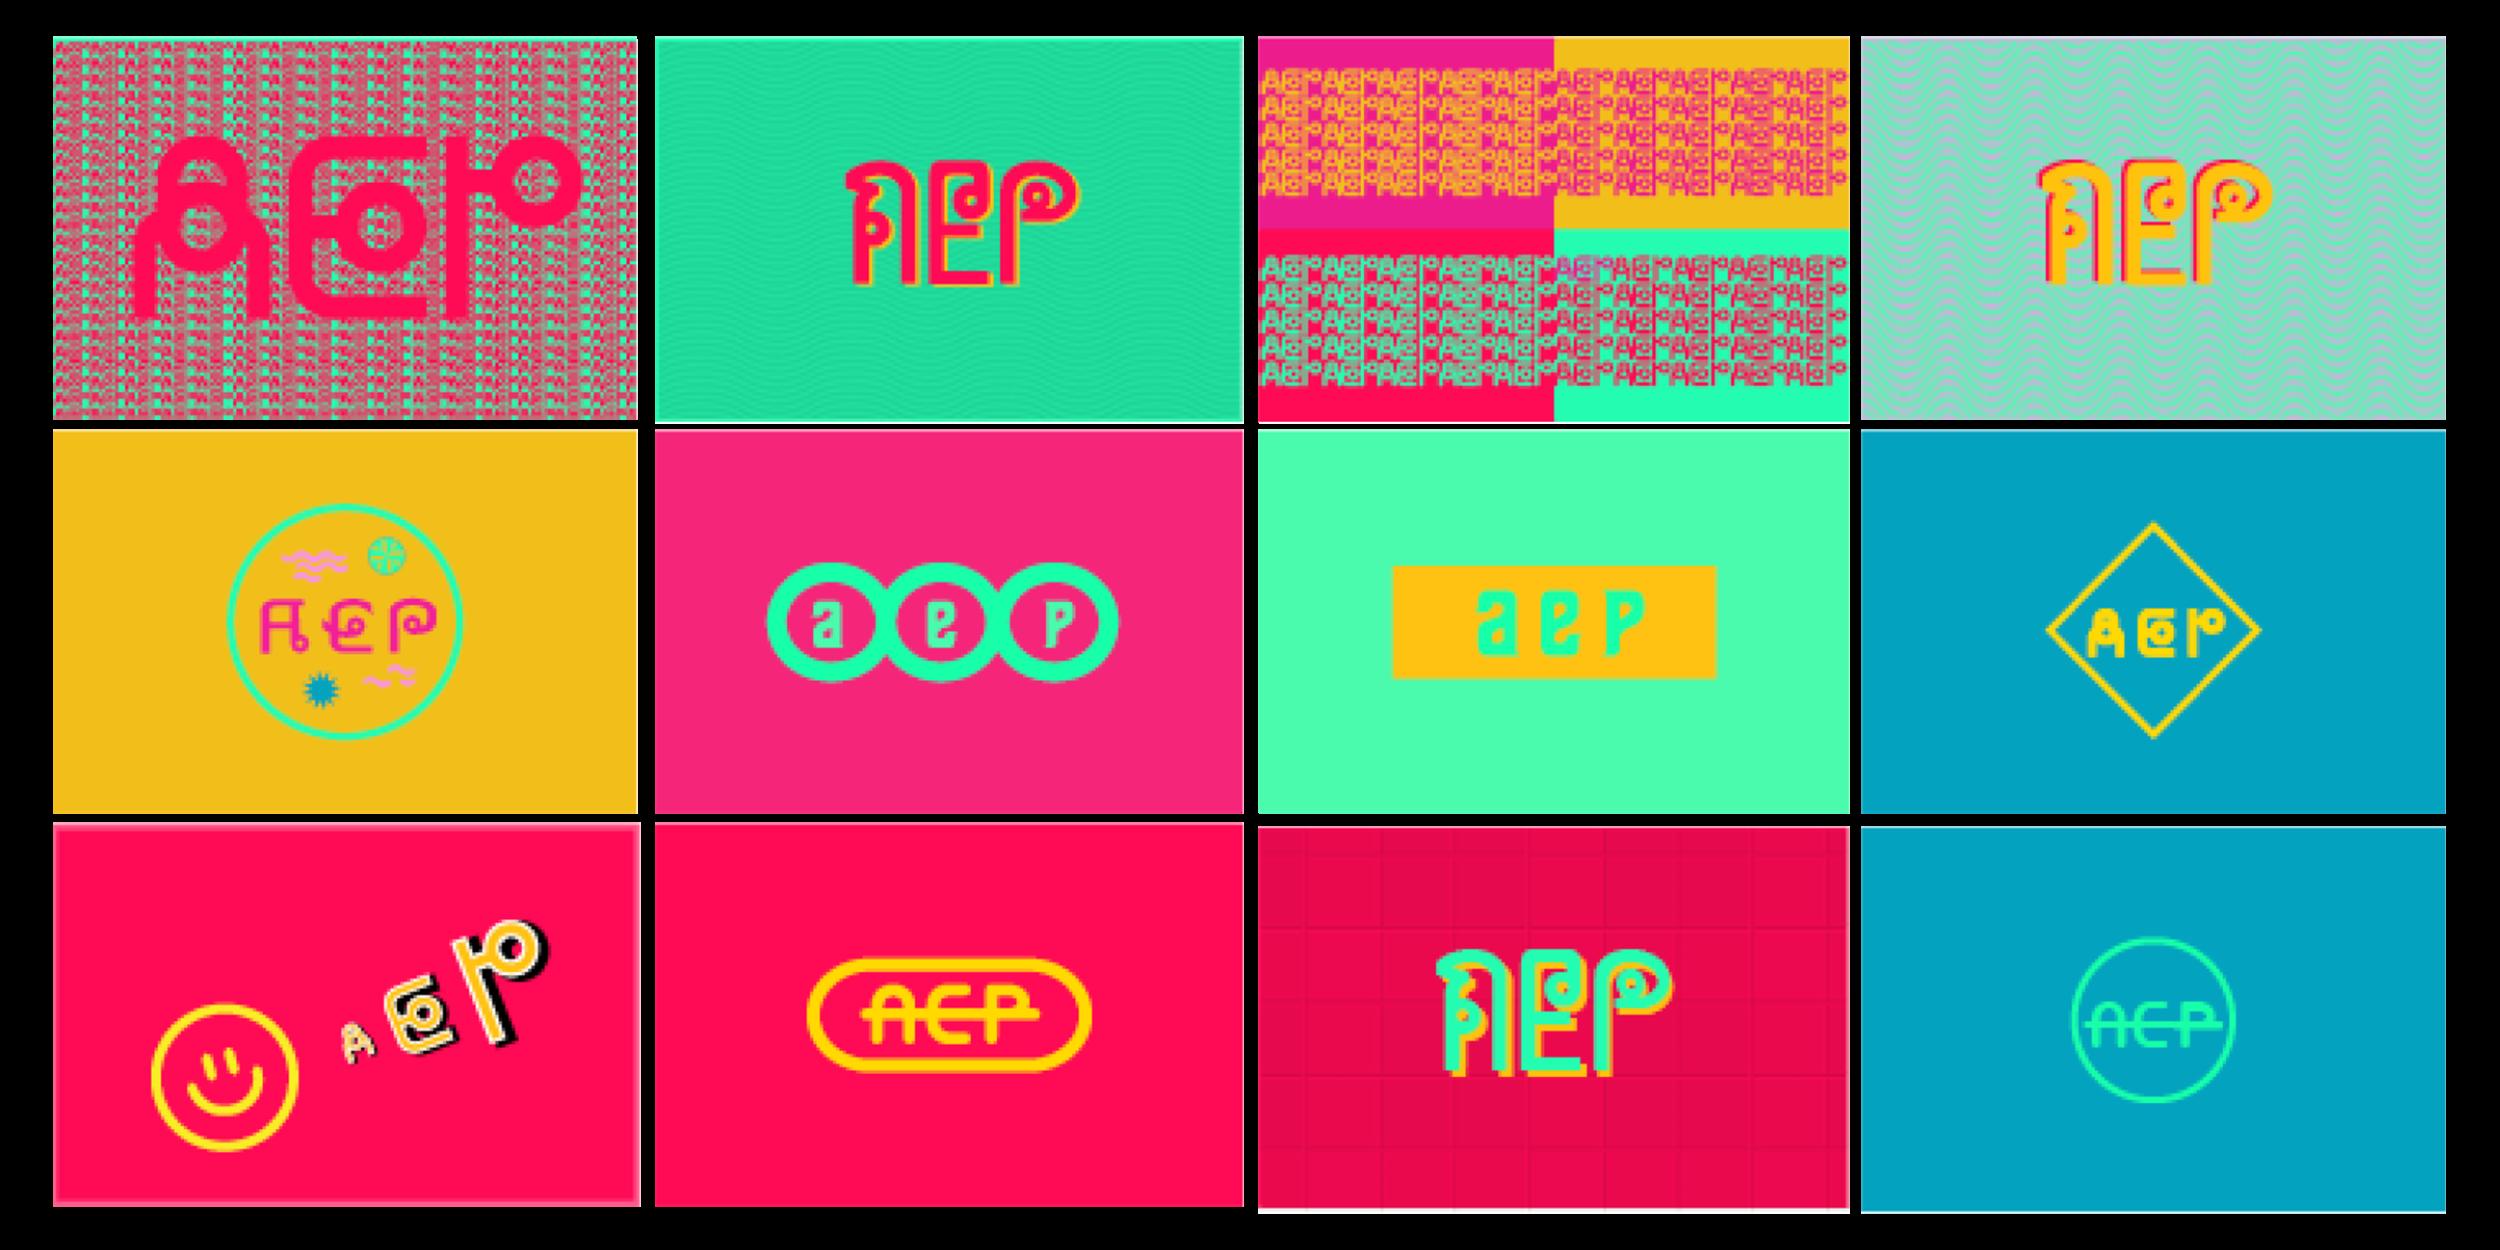 _0011_AEP.png